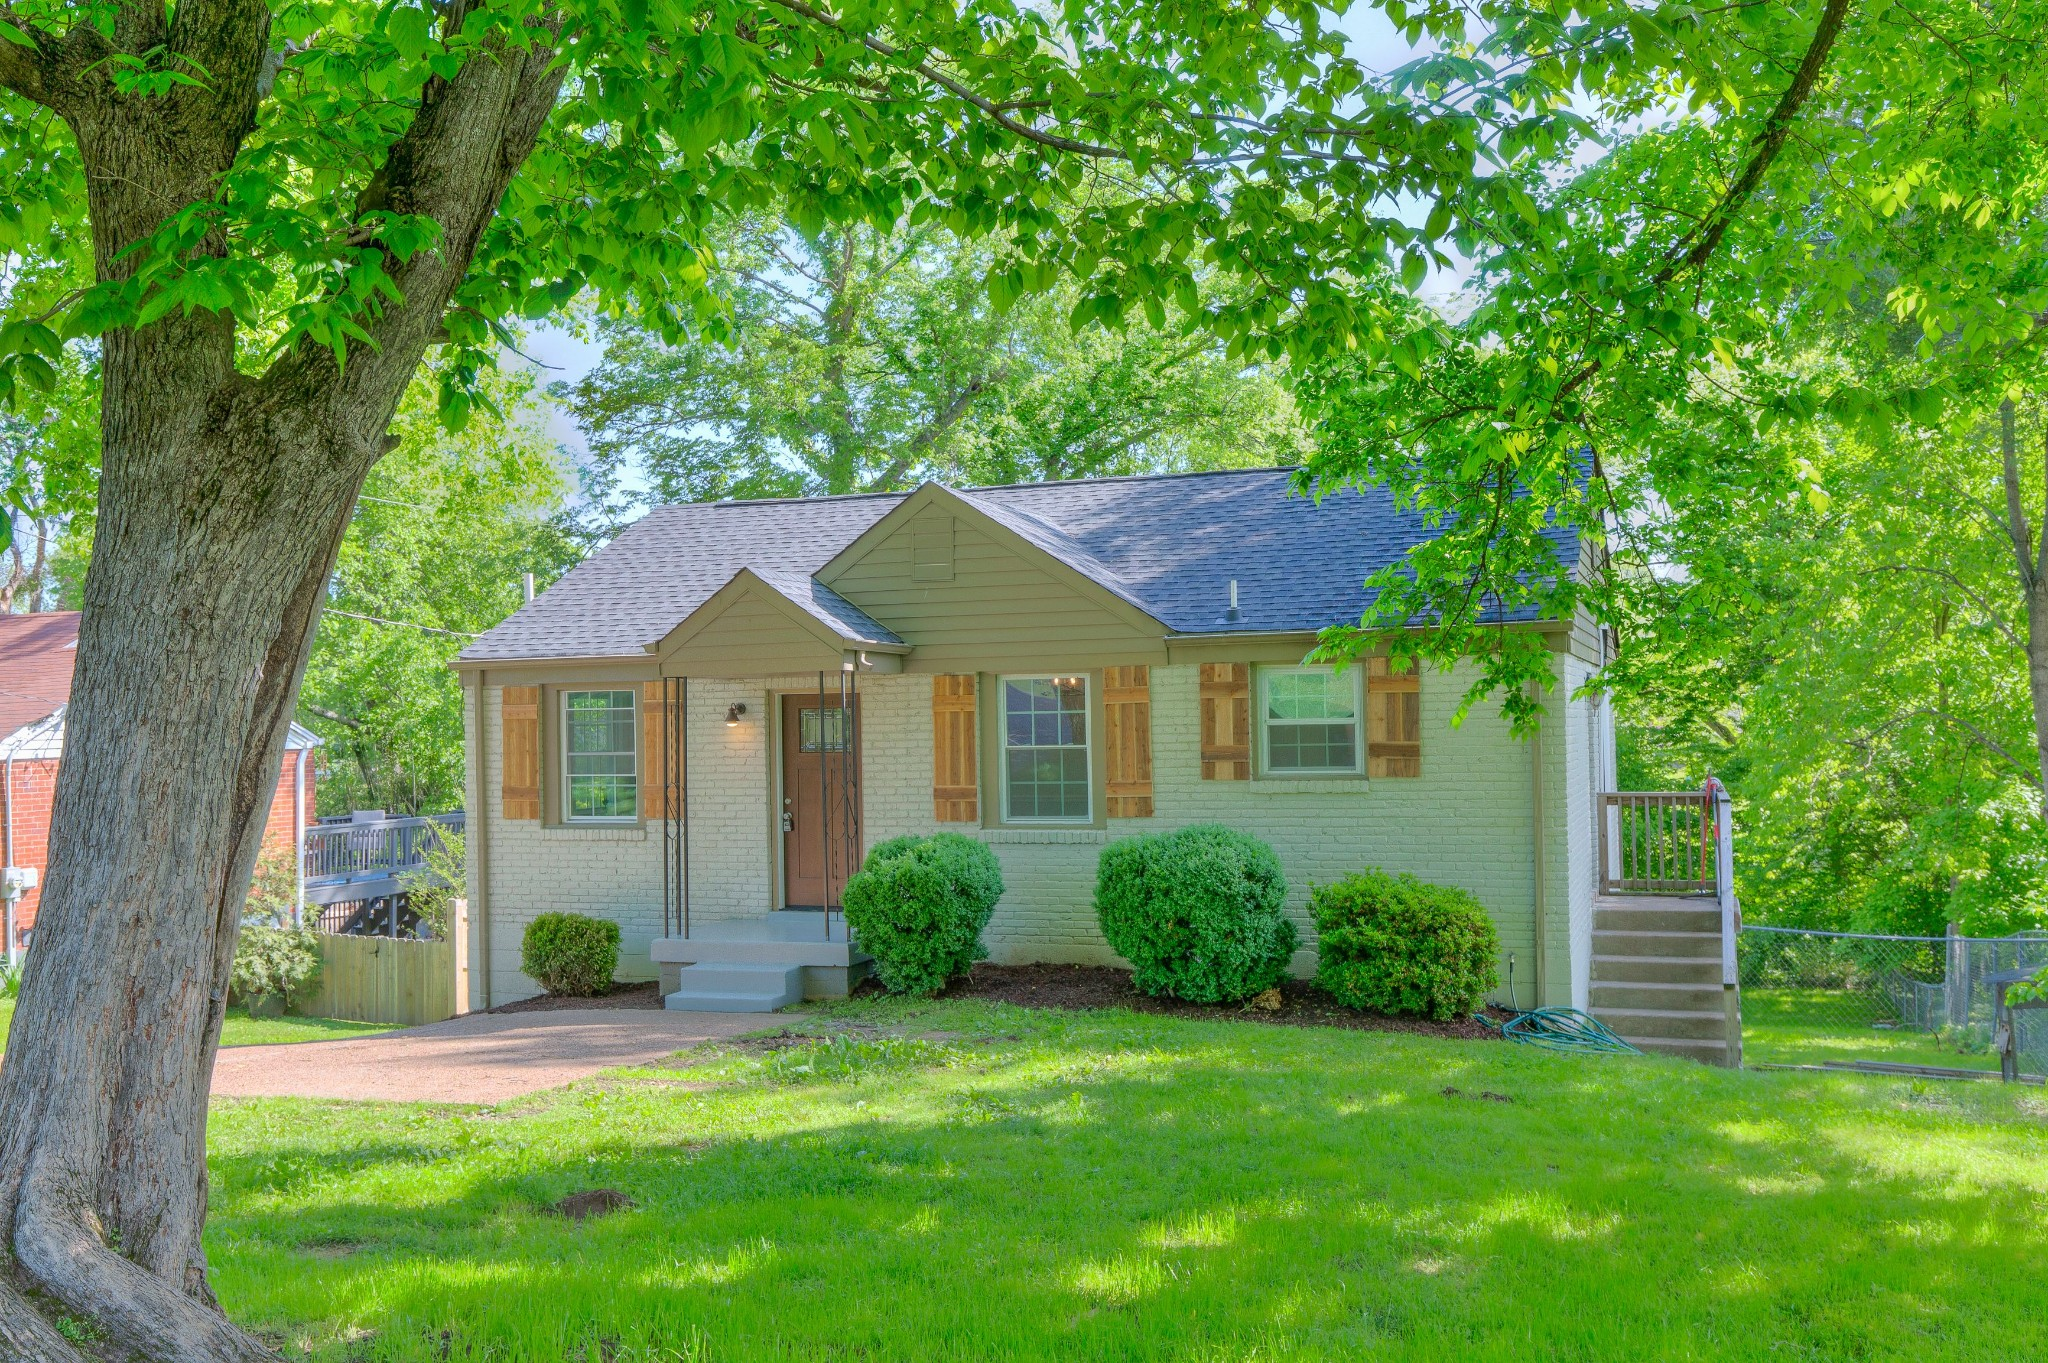 2331 Fernwood Dr Property Photo - Nashville, TN real estate listing